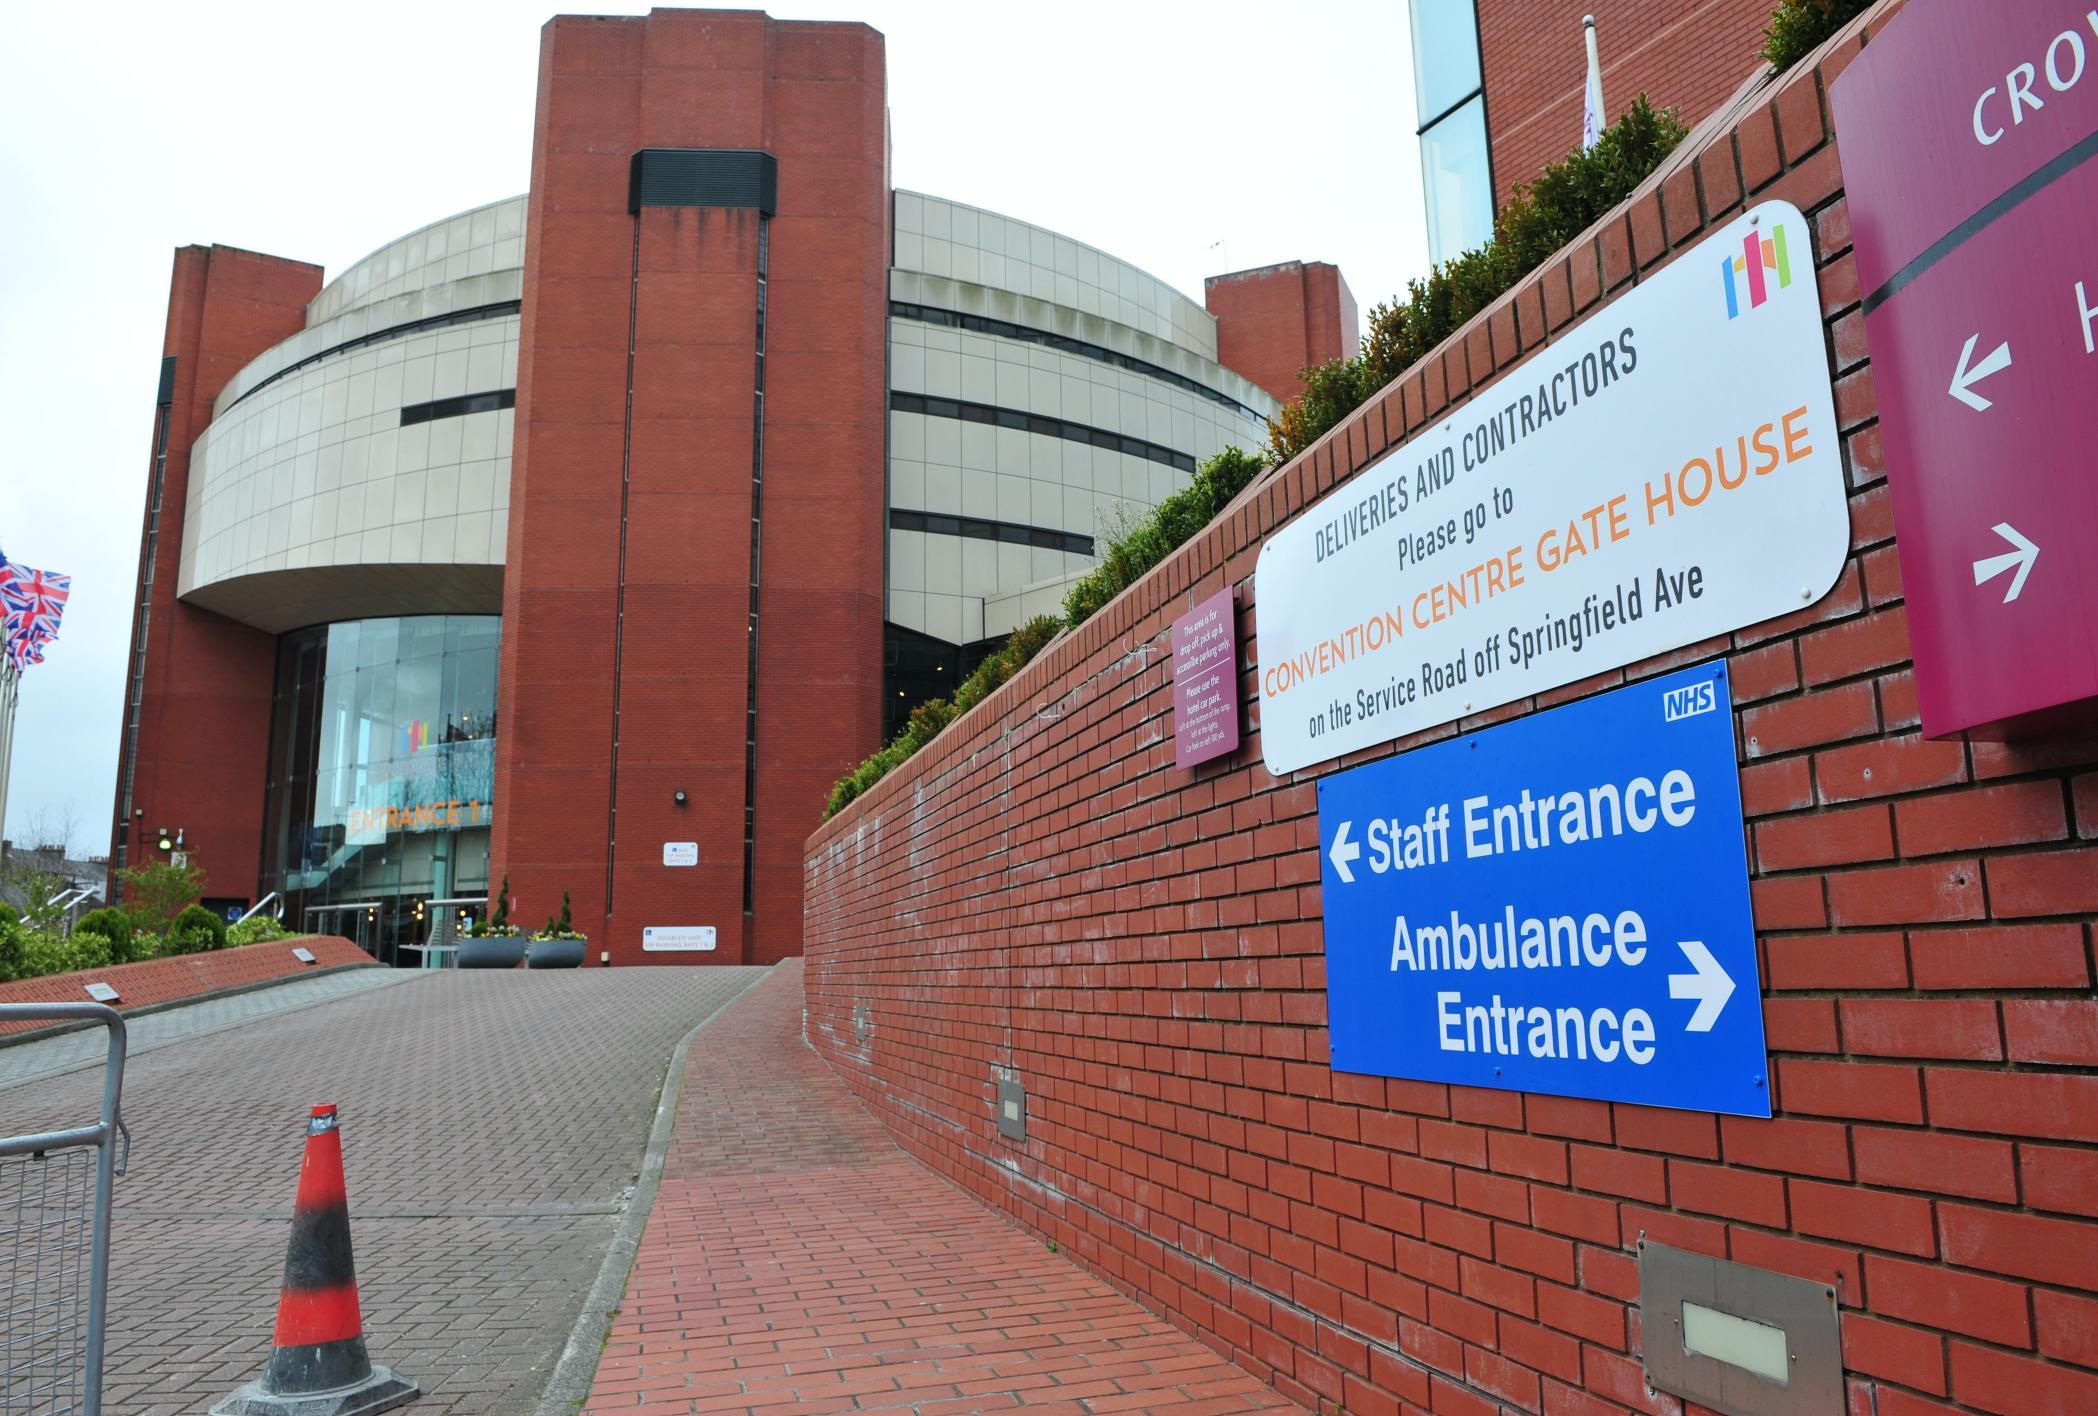 Council approves Harrogate Convention Centre £1m spend